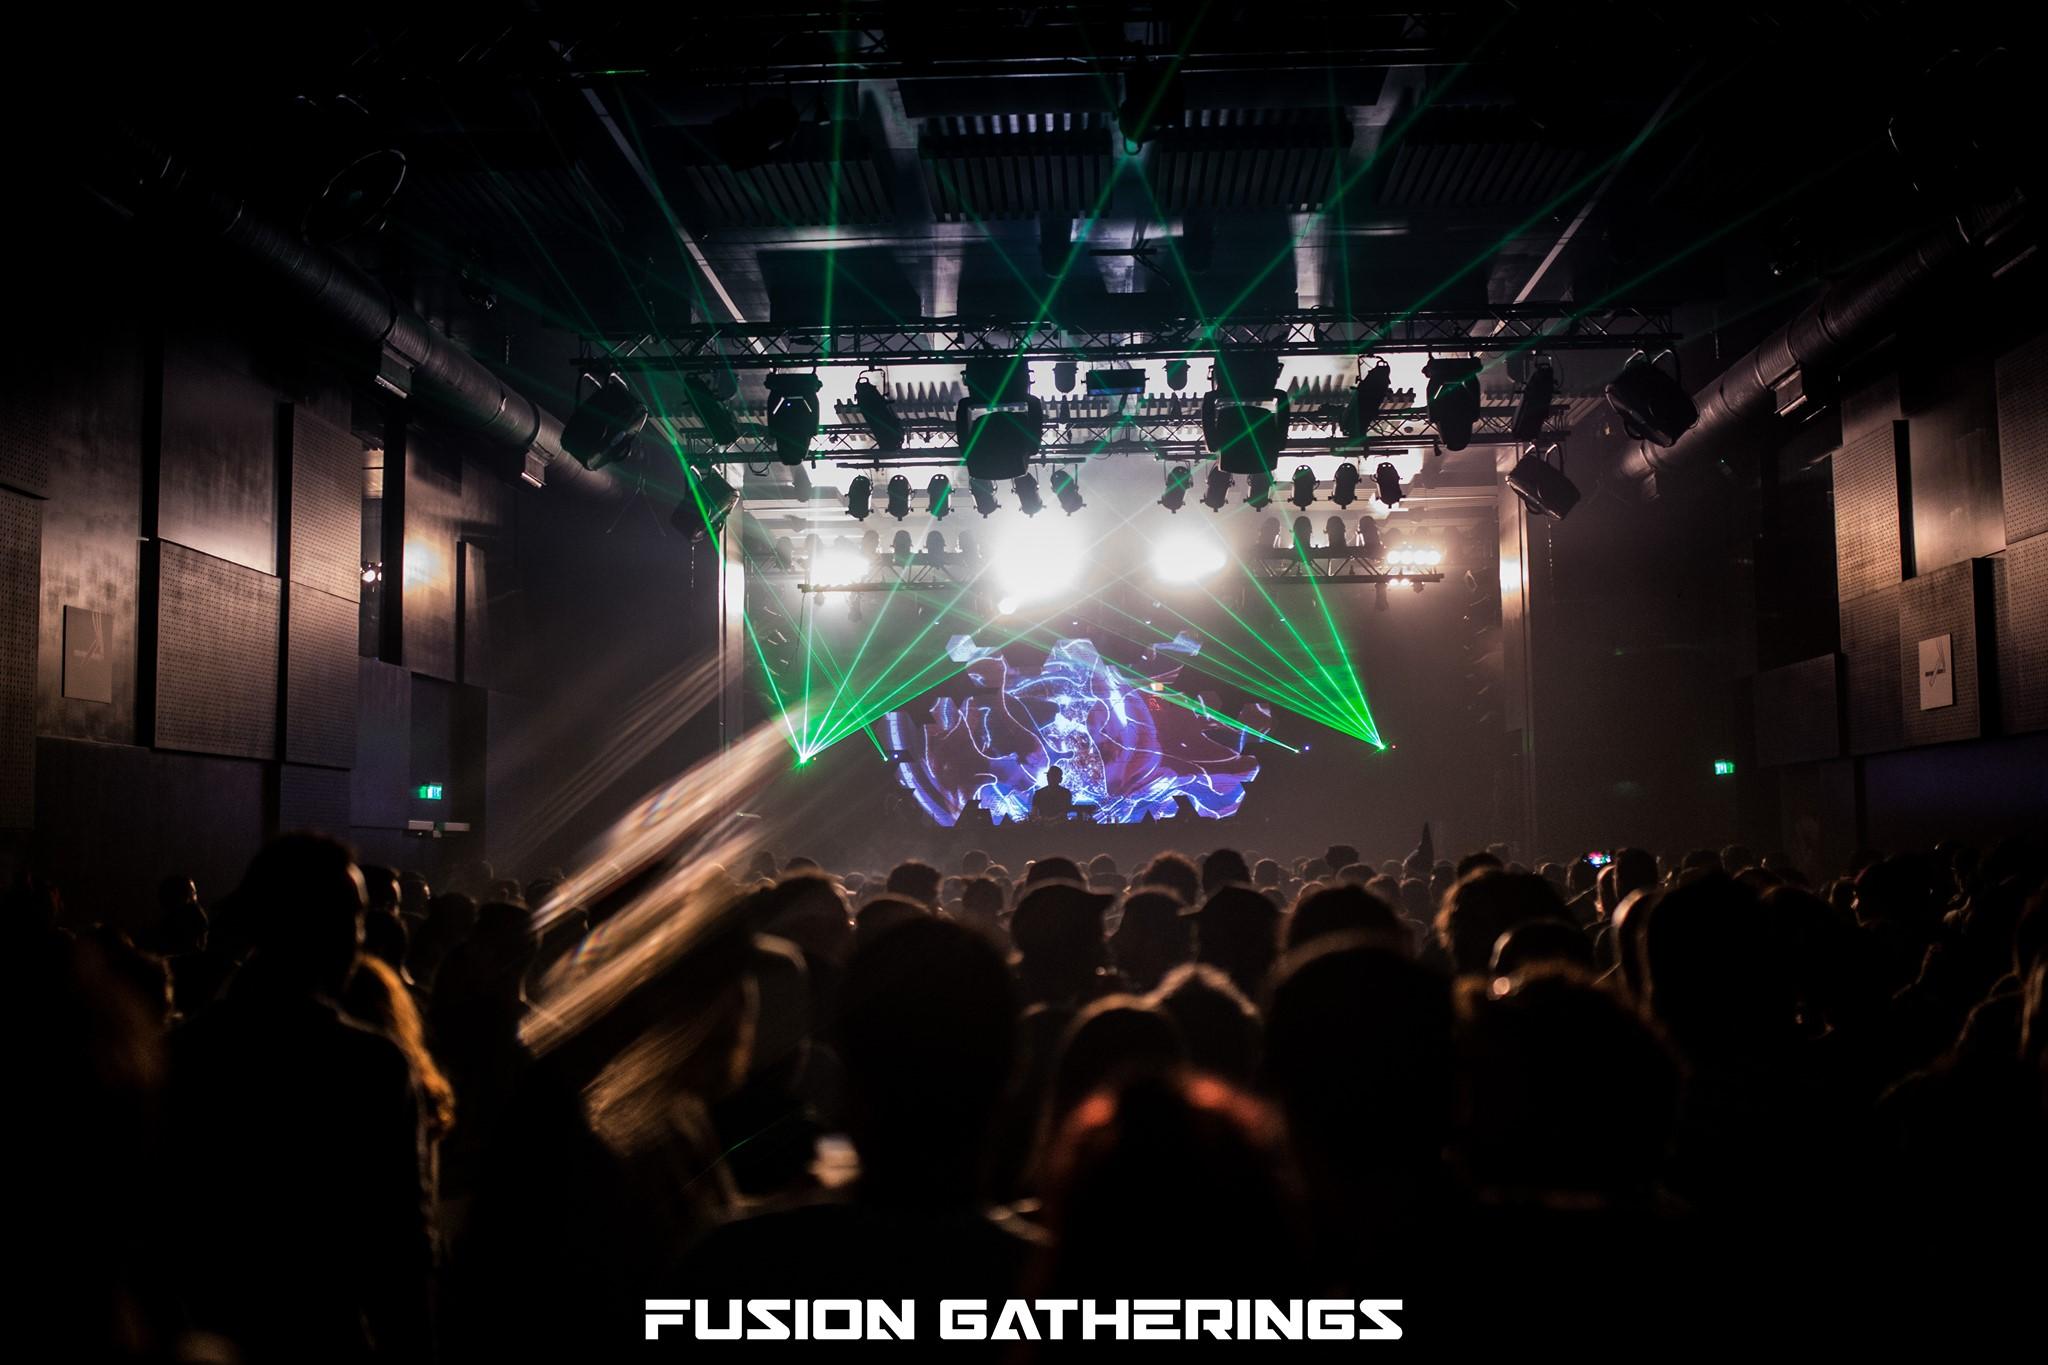 Adiado - Fusion Gatherings & Psy-Fi : Man With No Name, Arjuna